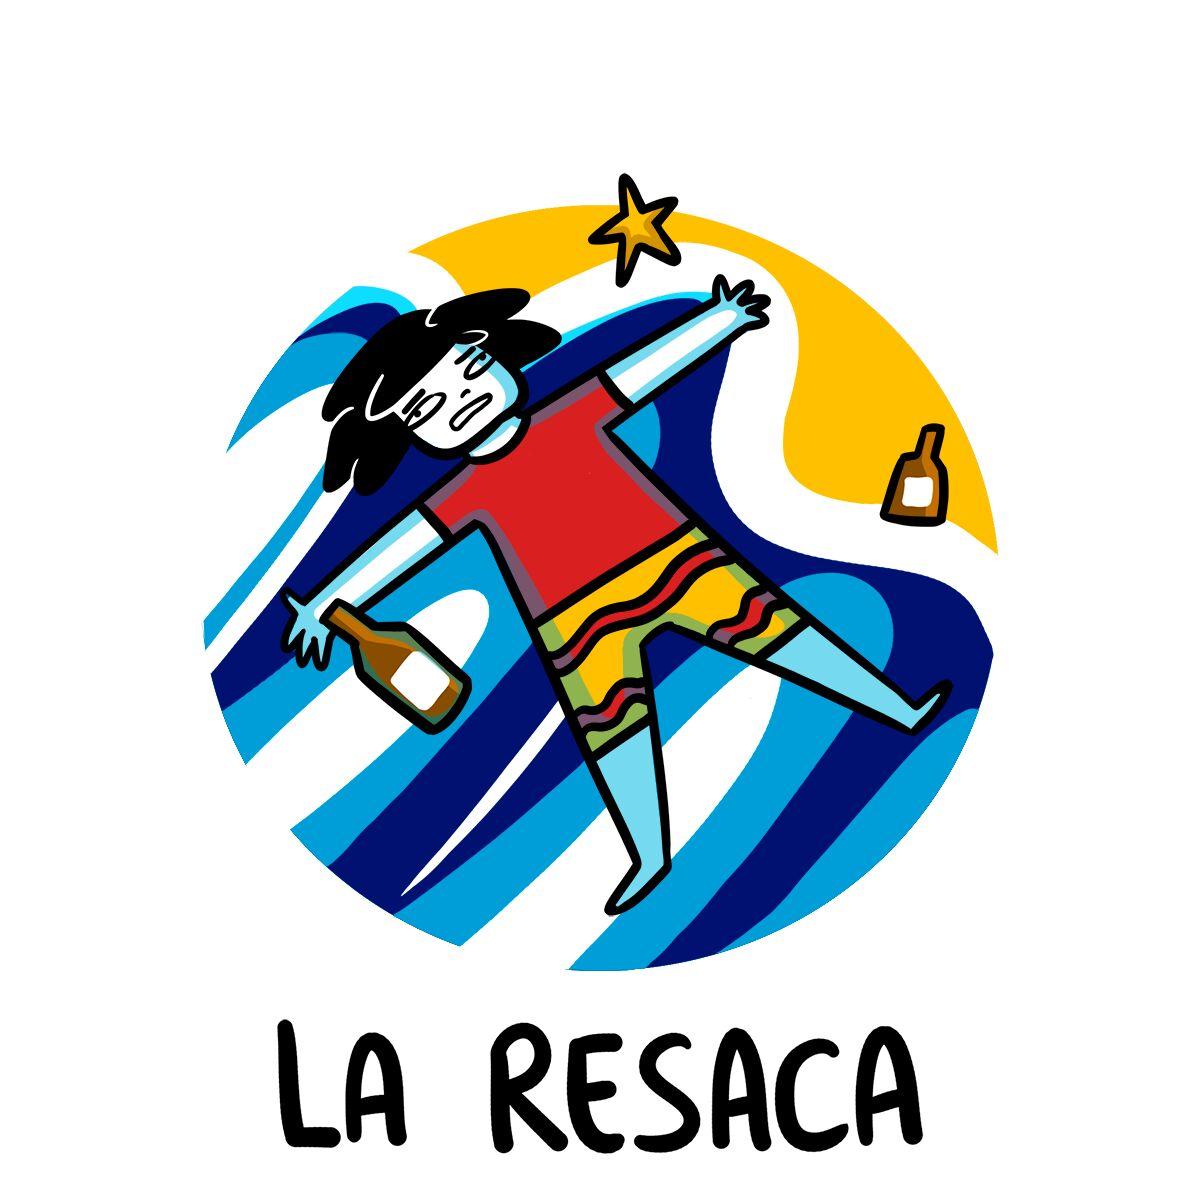 palavras em espanhol resaca